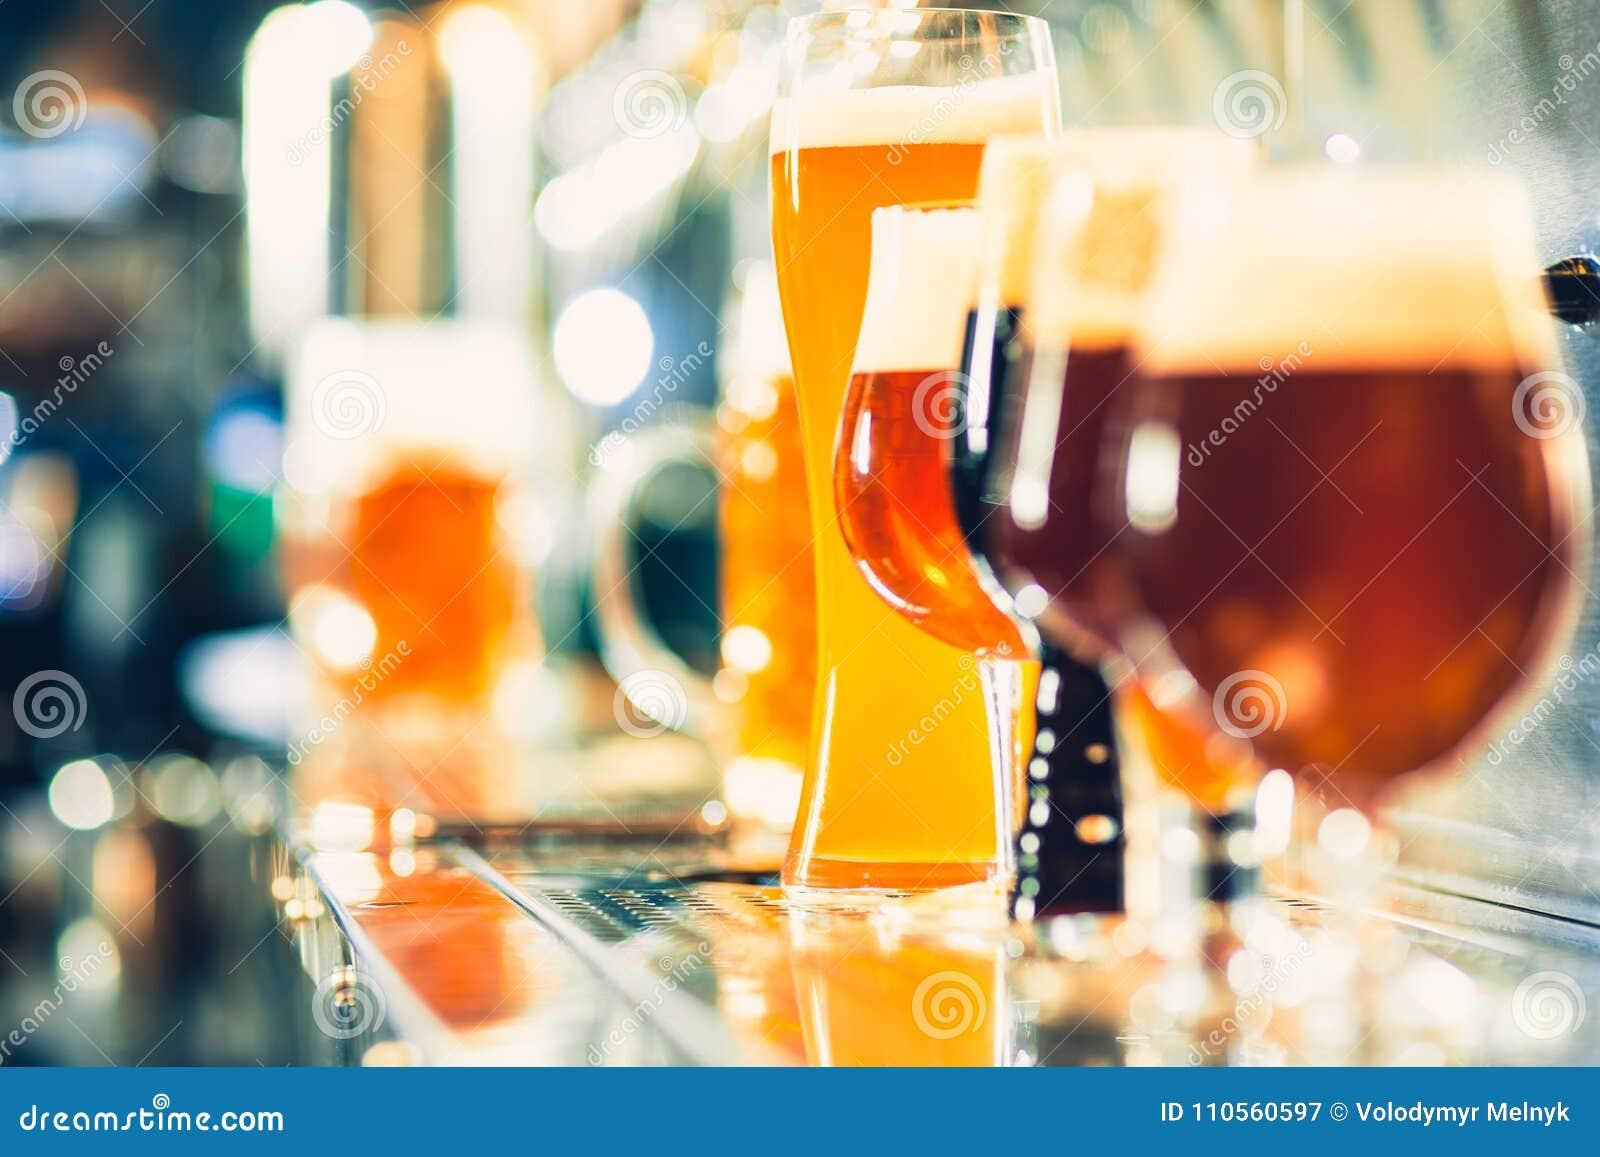 Ölklapp i en bar